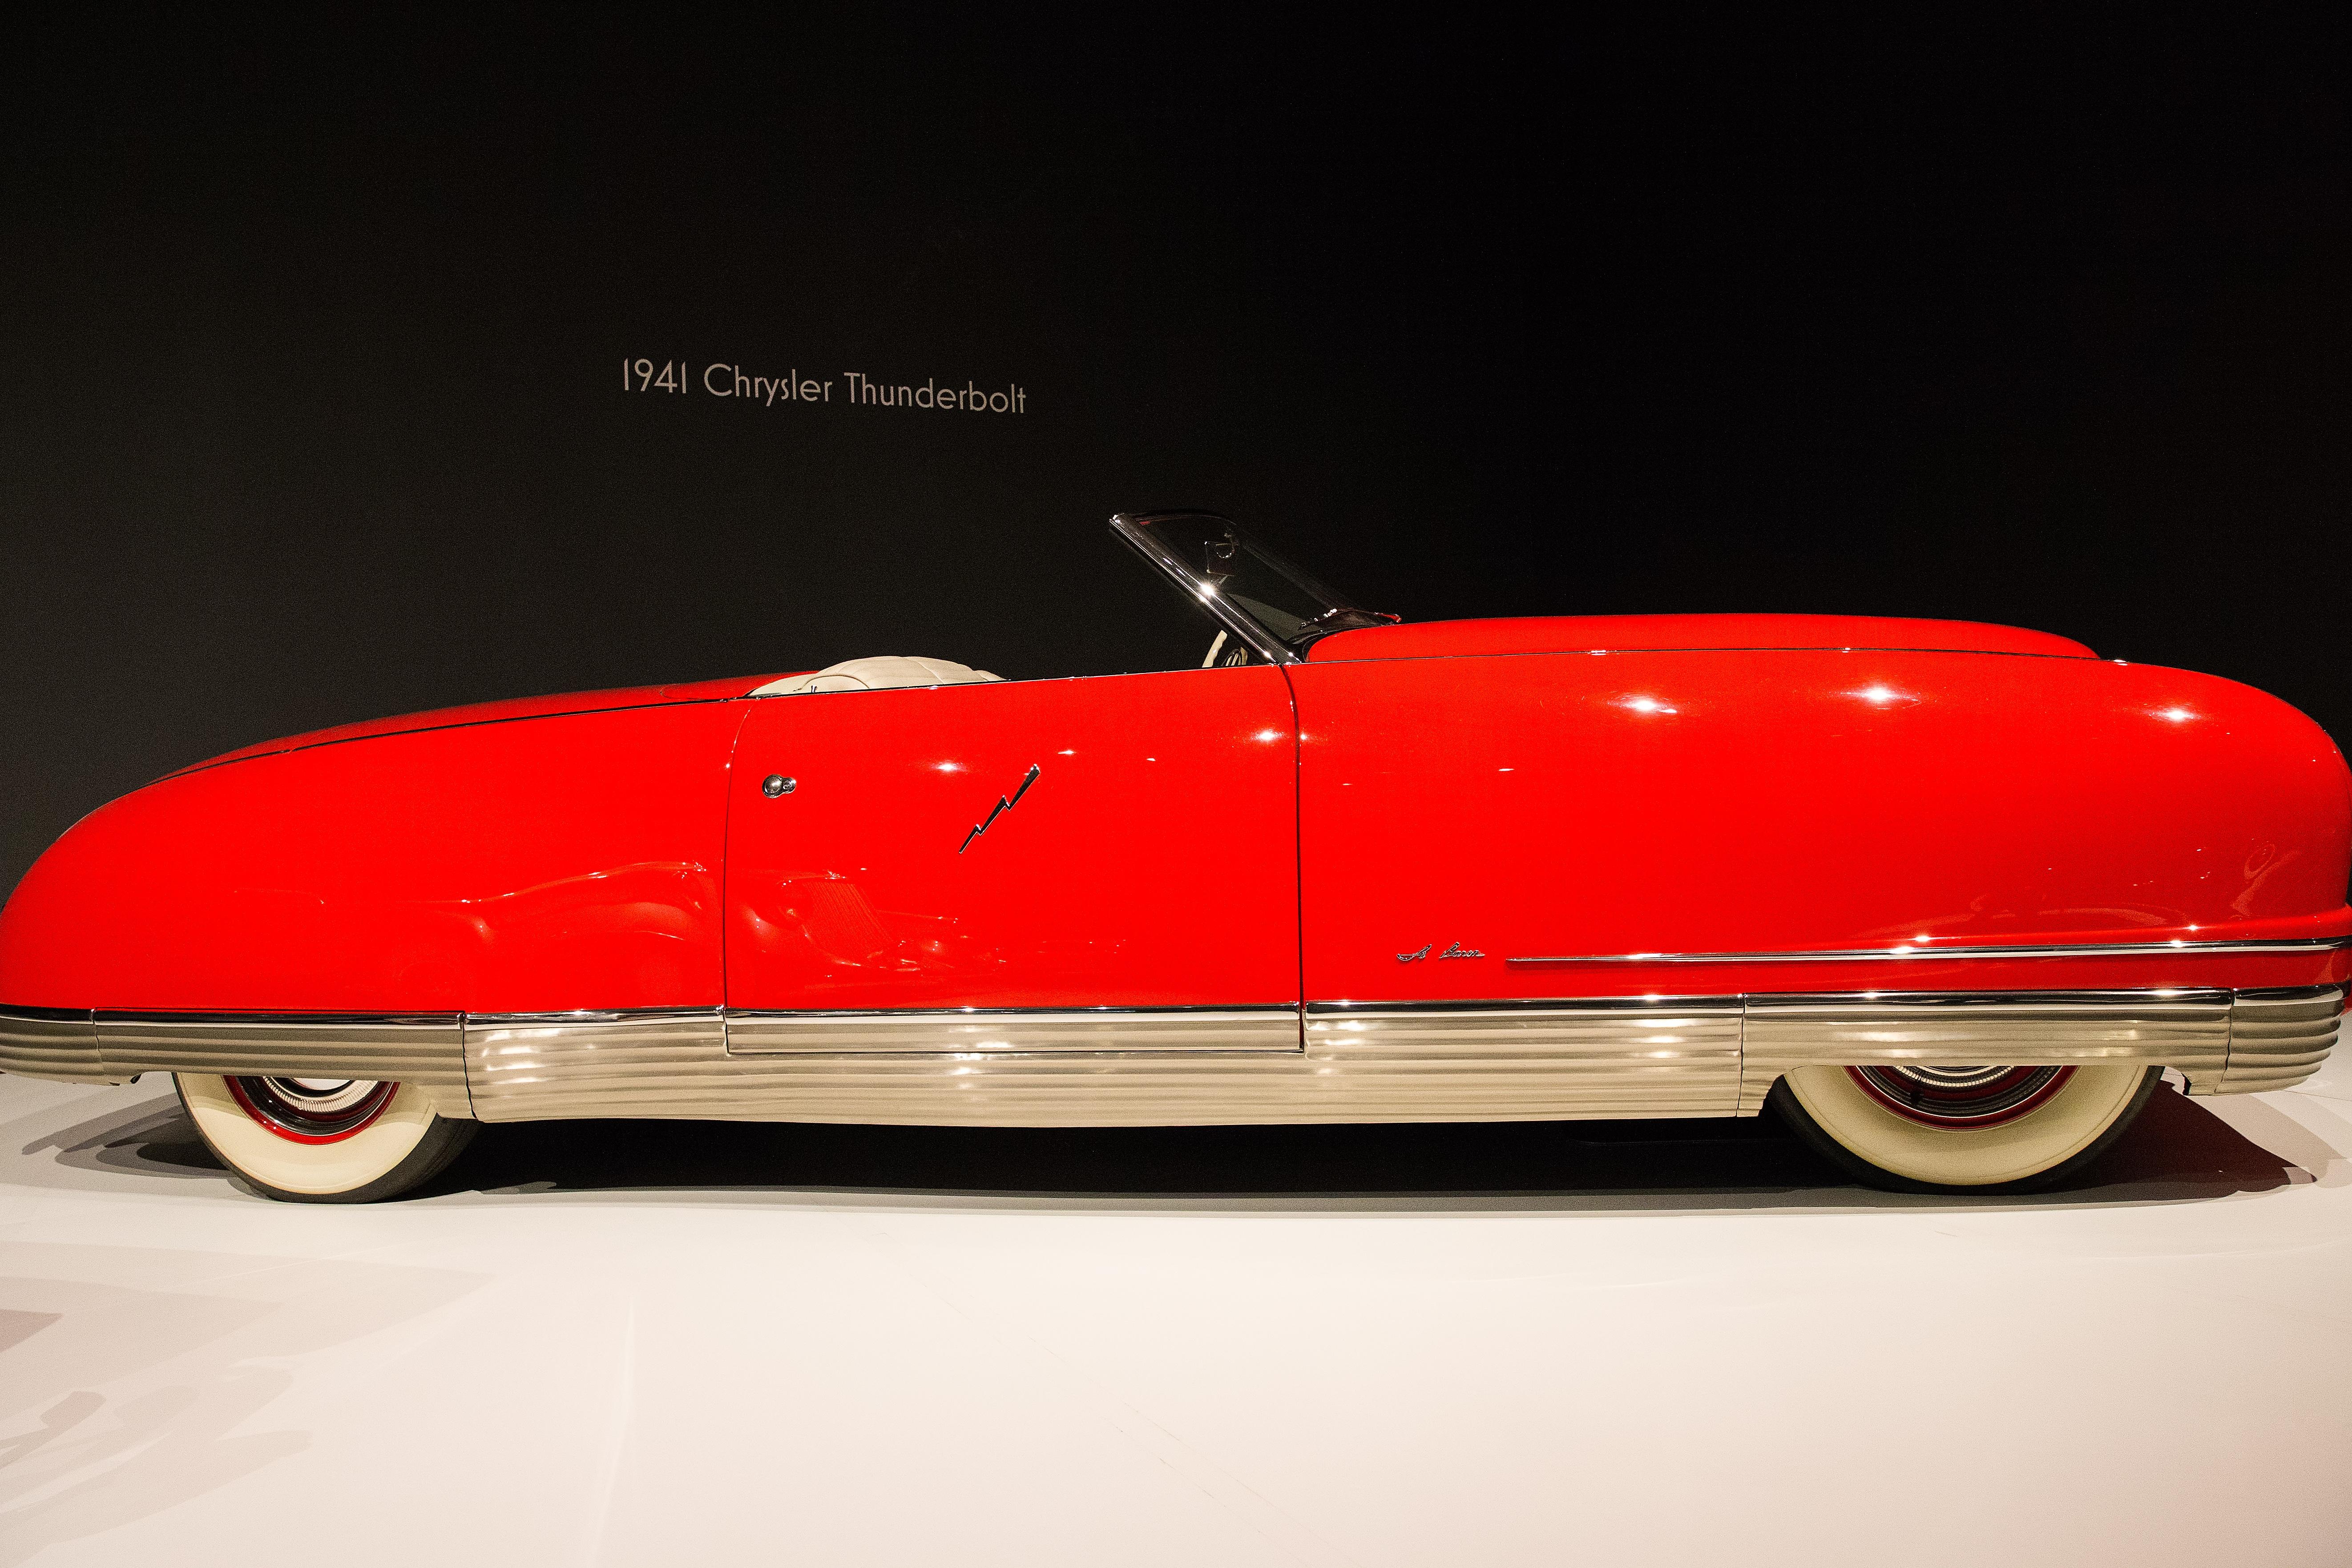 ilmaisia kuvia punainen ajoneuvo museoautojen art deco puskuri ylellisyys kuva. Black Bedroom Furniture Sets. Home Design Ideas